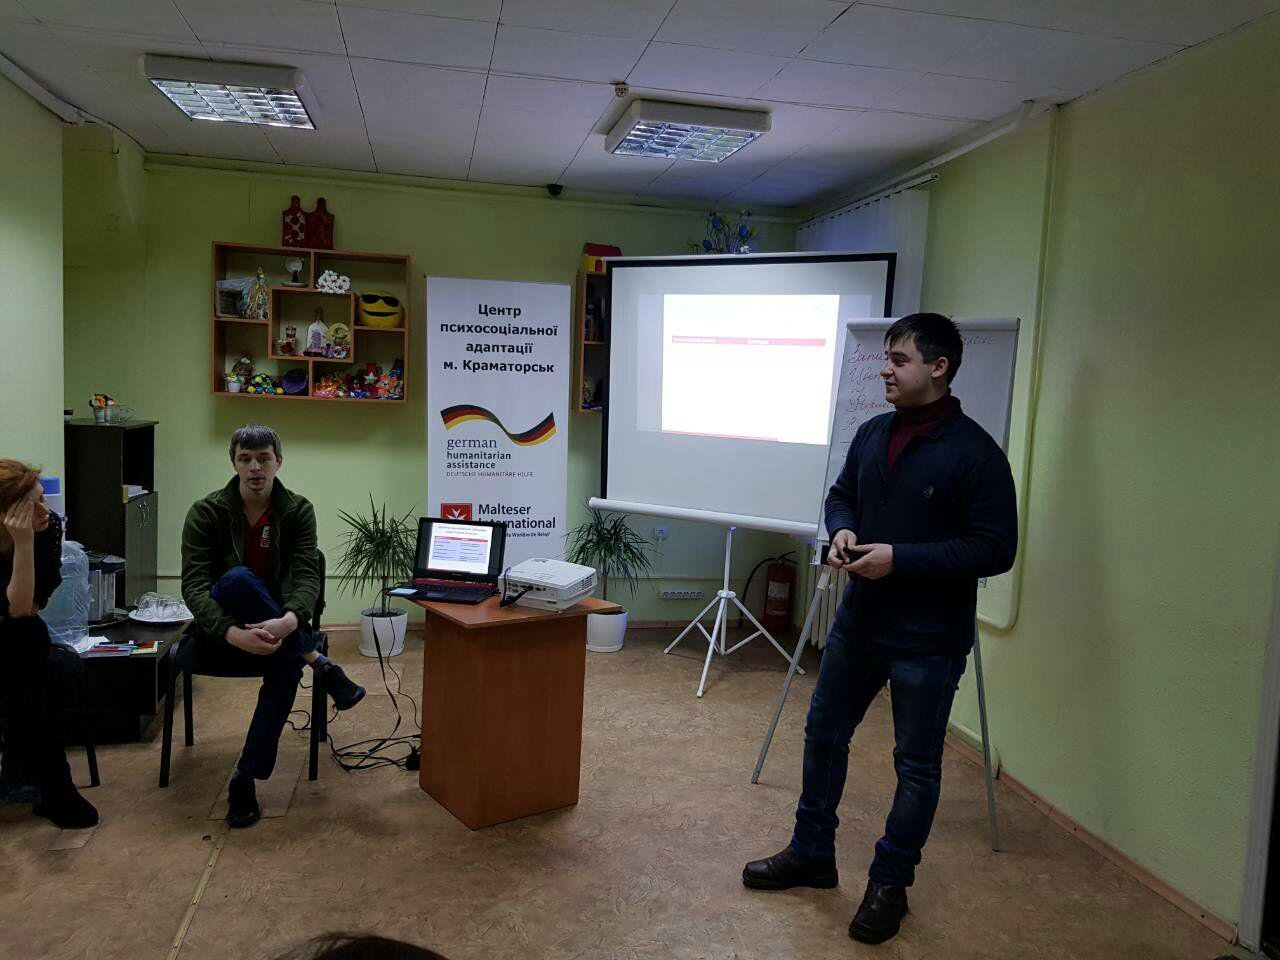 Правоохранители Краматорска проходят курс оказания домедицинской помощи от германской гуманитарной ассоциации, фото-1